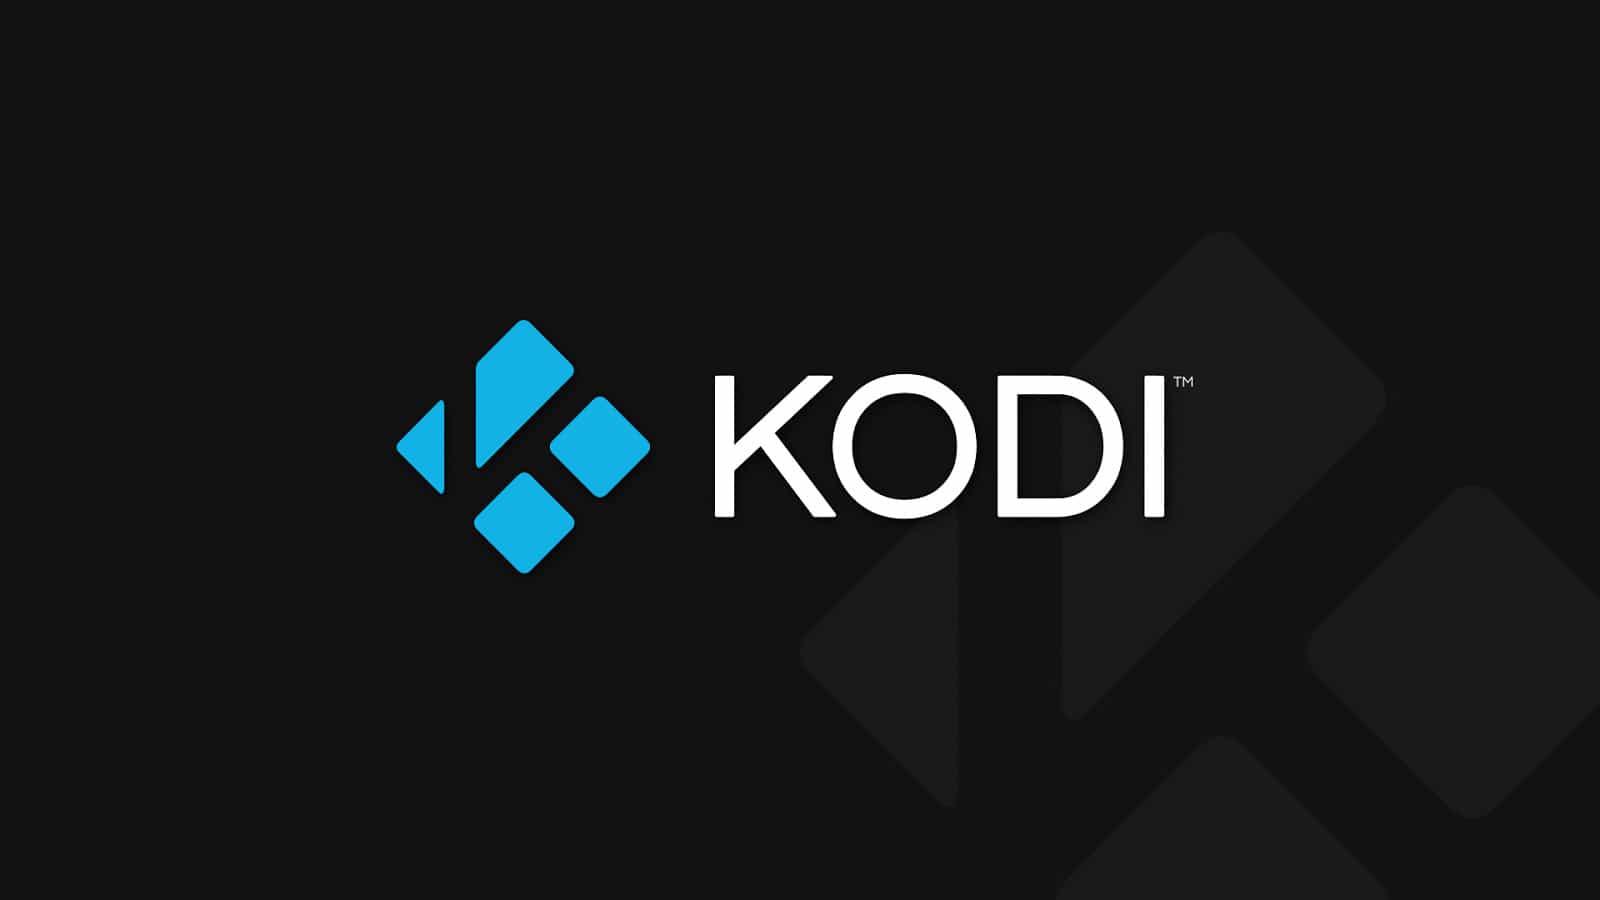 4 best ways to unblock Kodi in 2019 - TechWorm